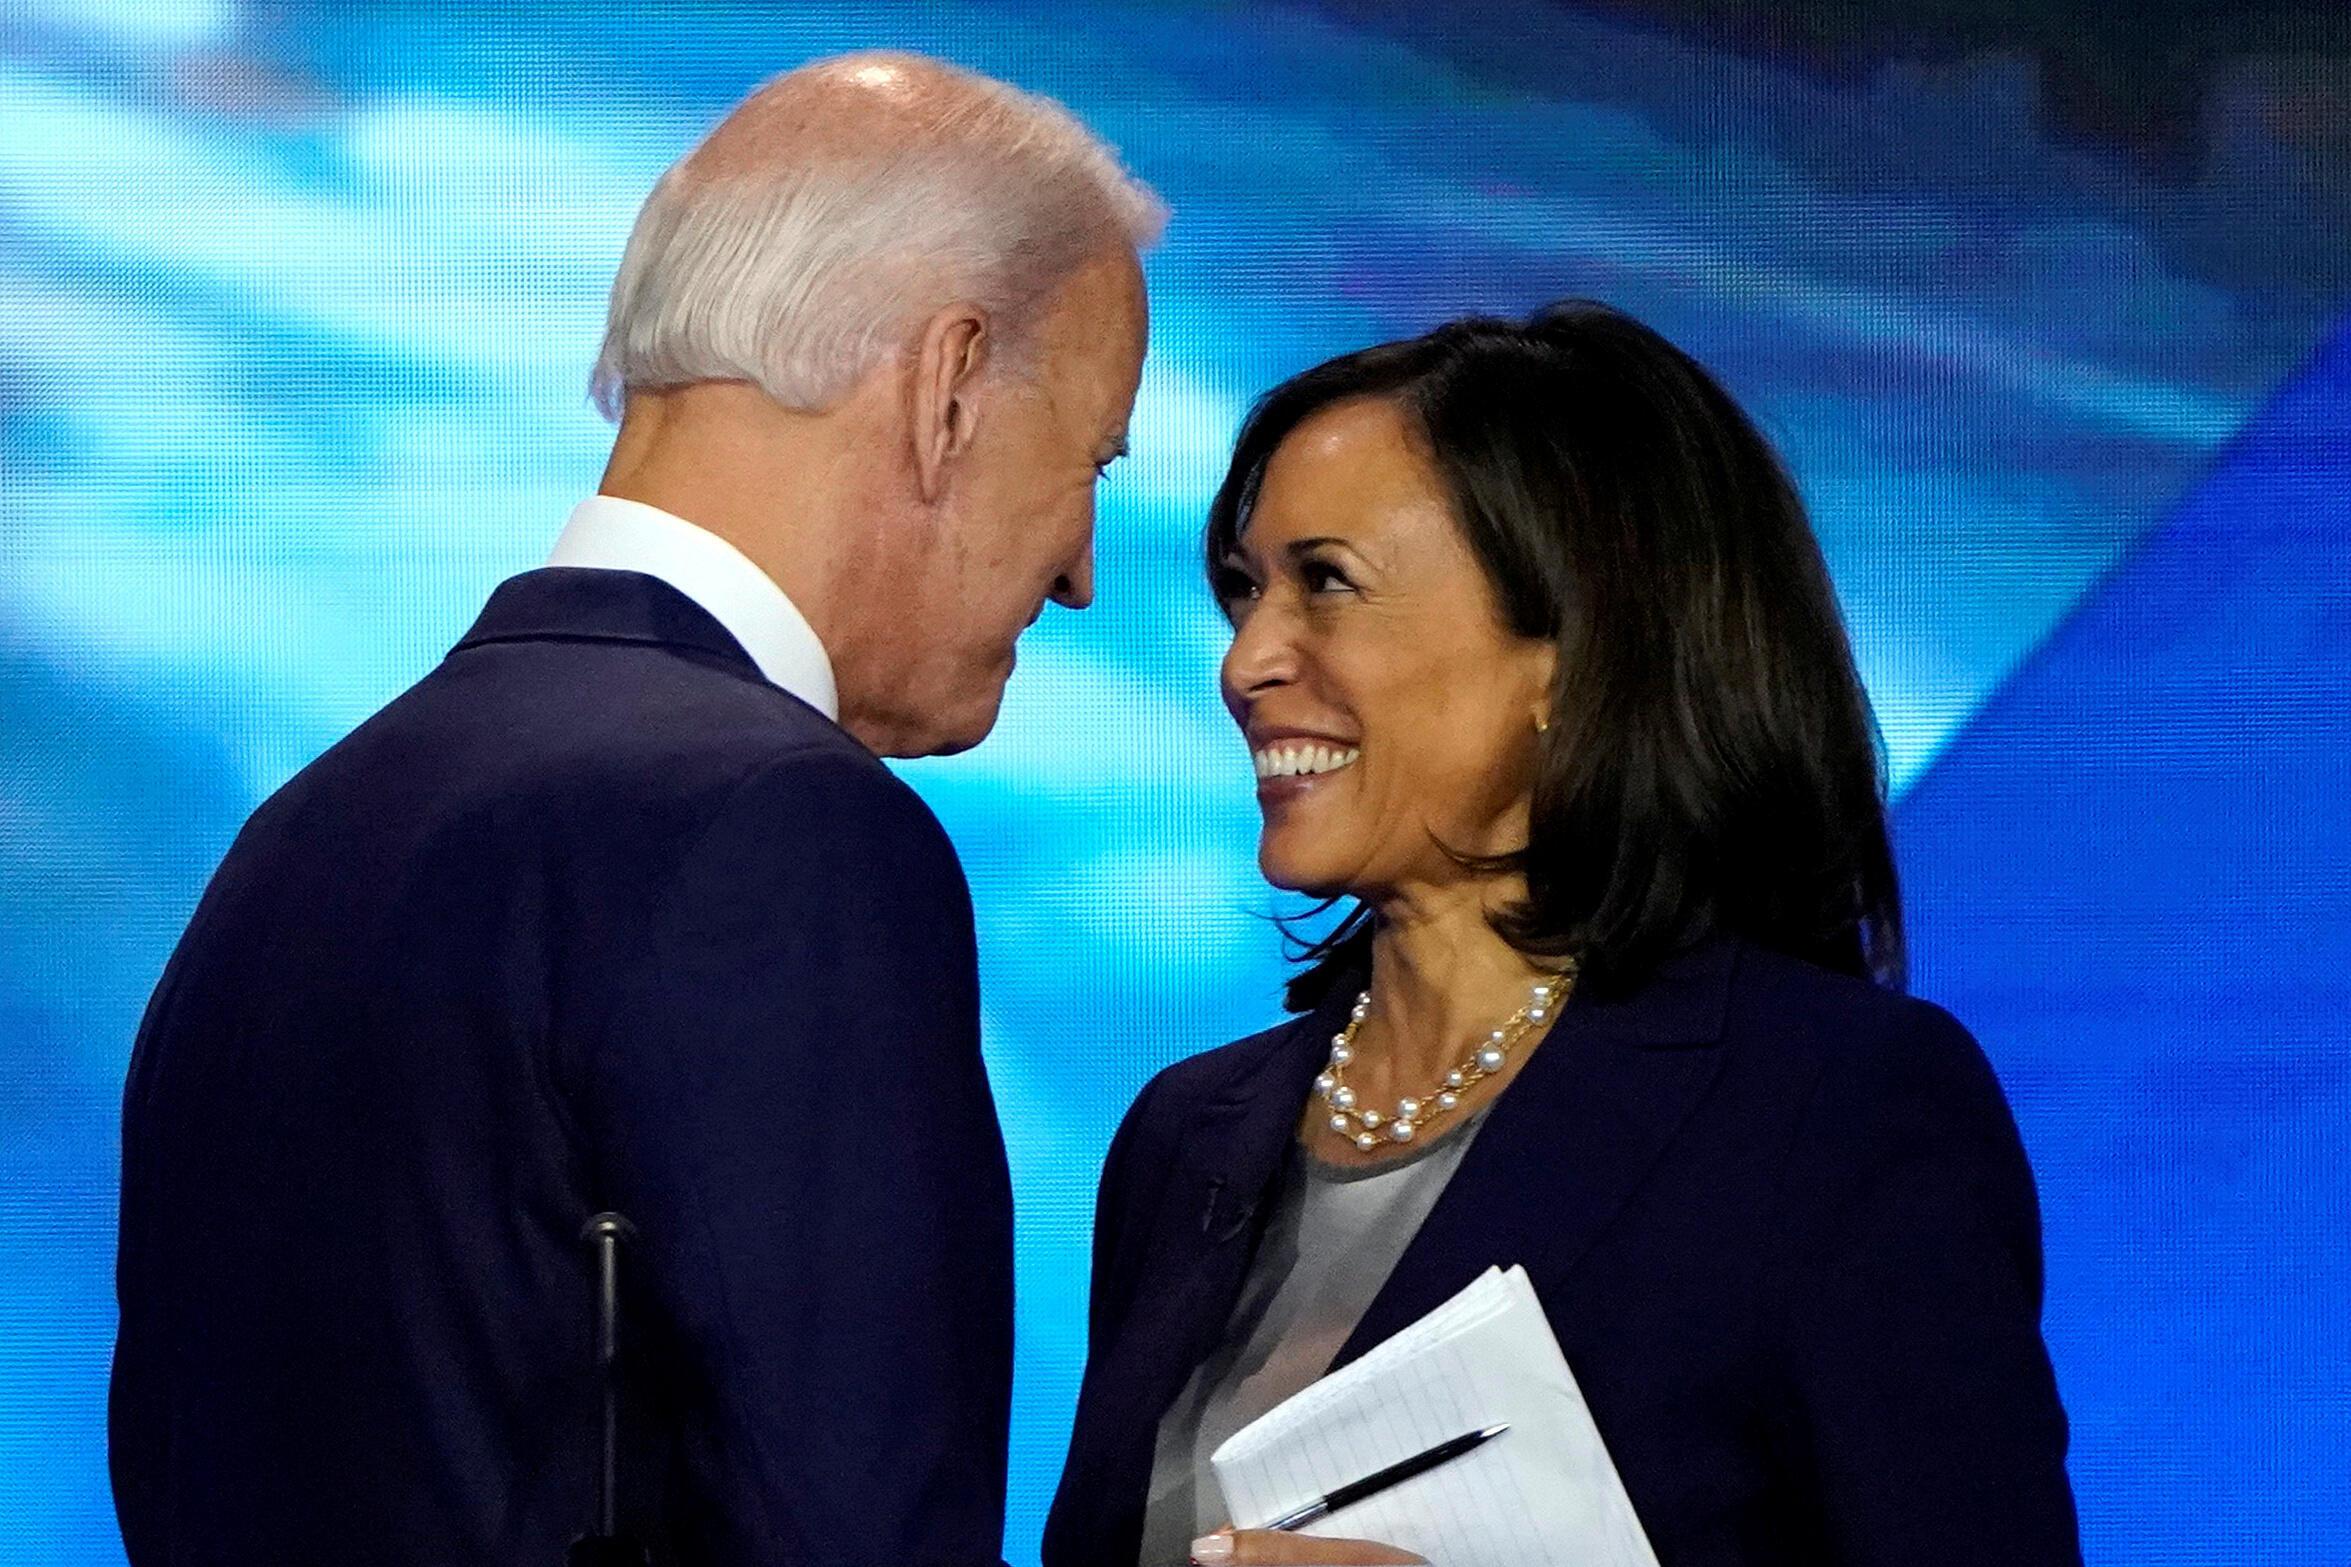 Joe Biden, amemteua Kamala Harris kuwa mgommbea mwenza kupeperusha bendera ya chama cha Democratic.